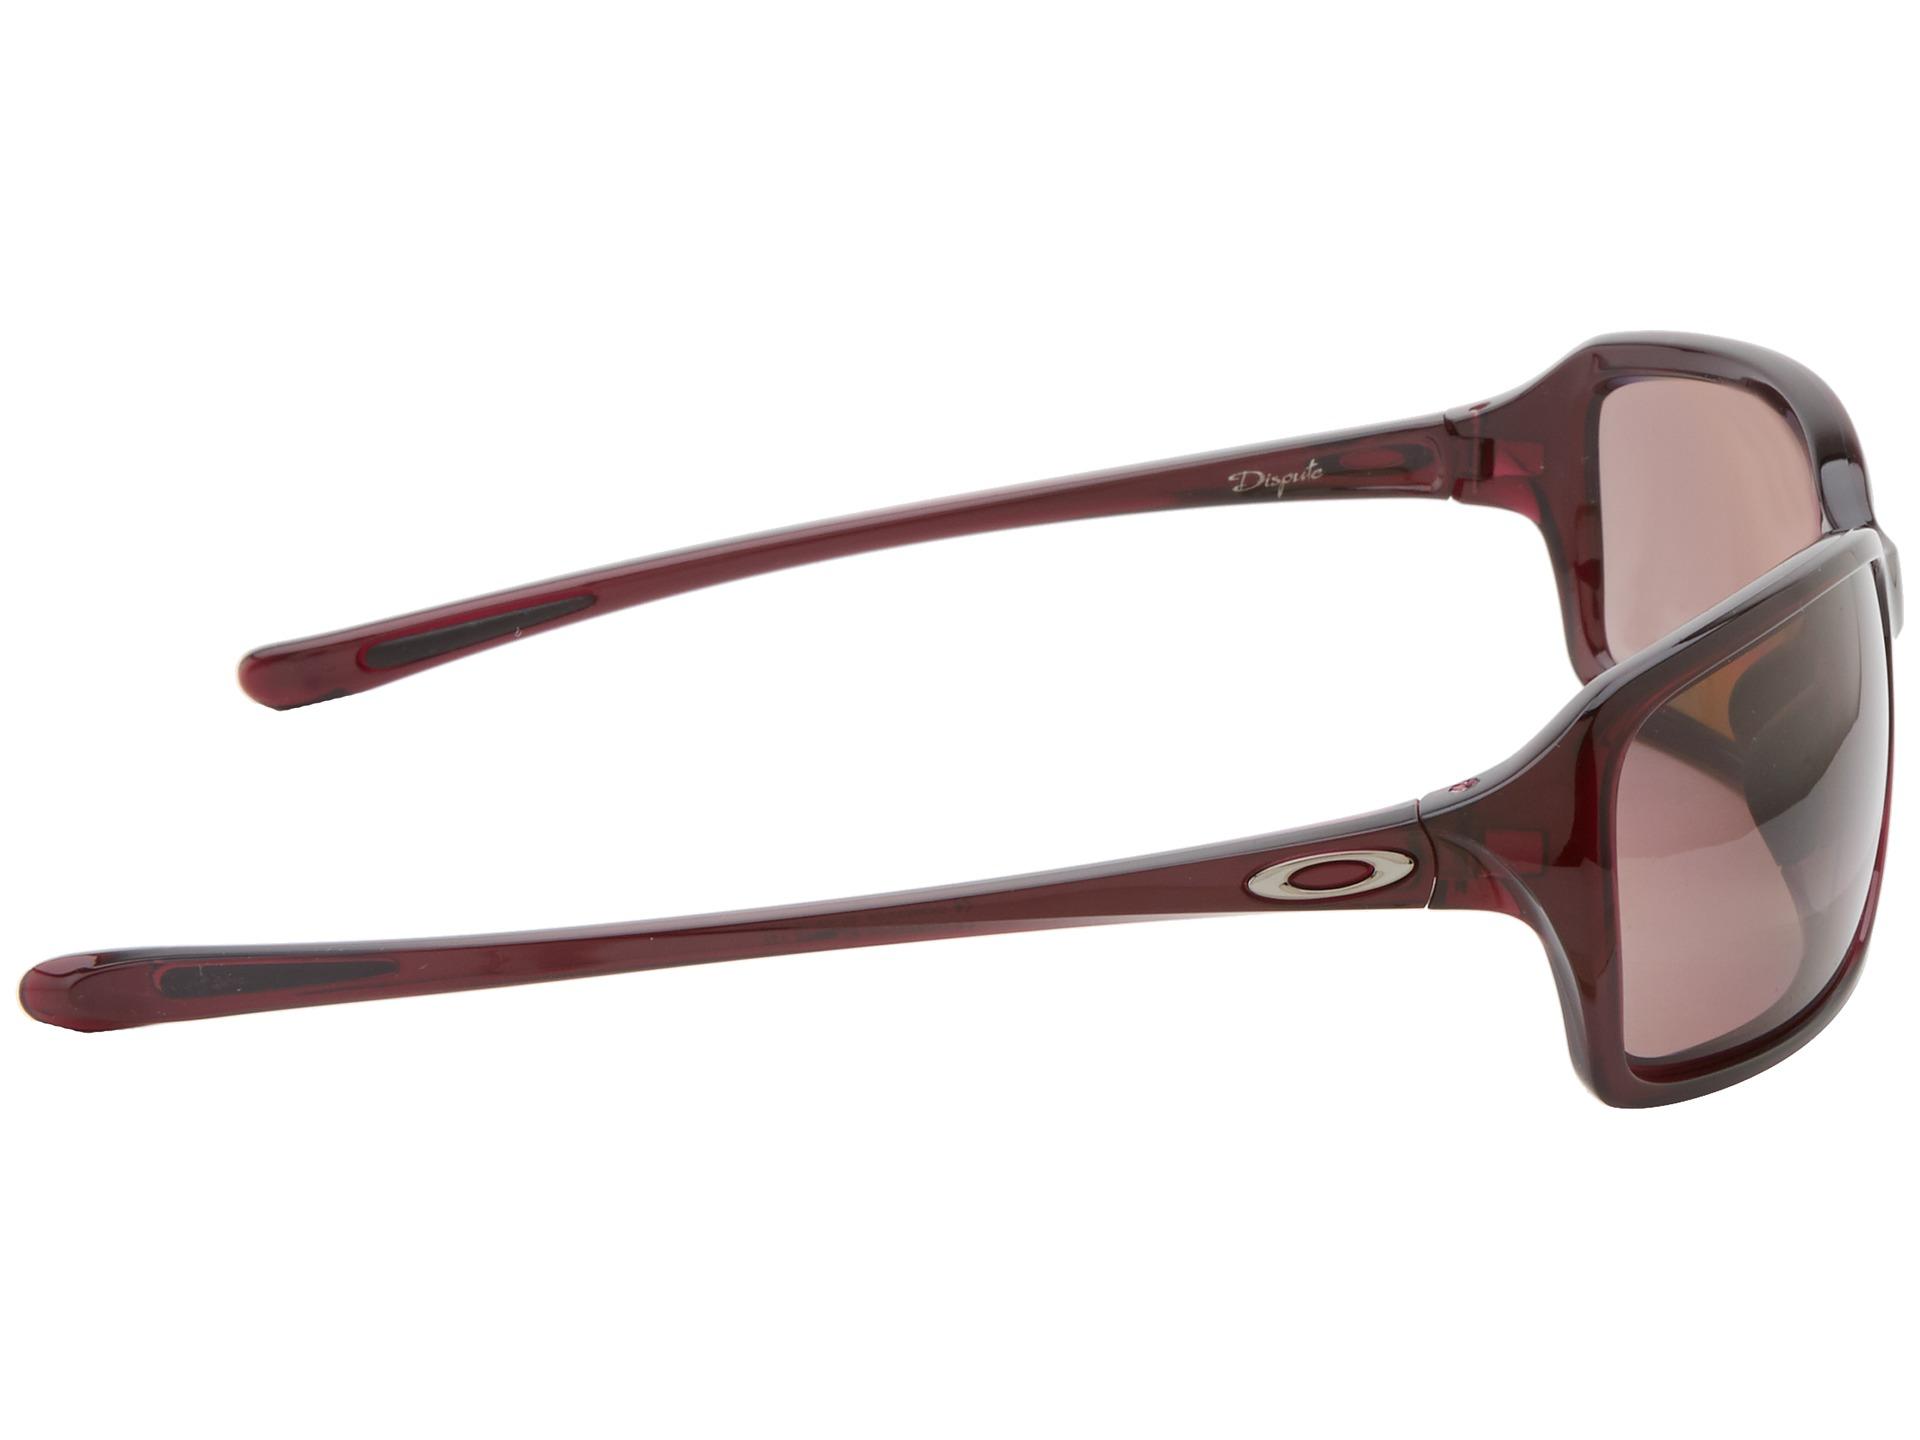 e391ad70786 Oakley Sunglasses Women Dispute « Heritage Malta